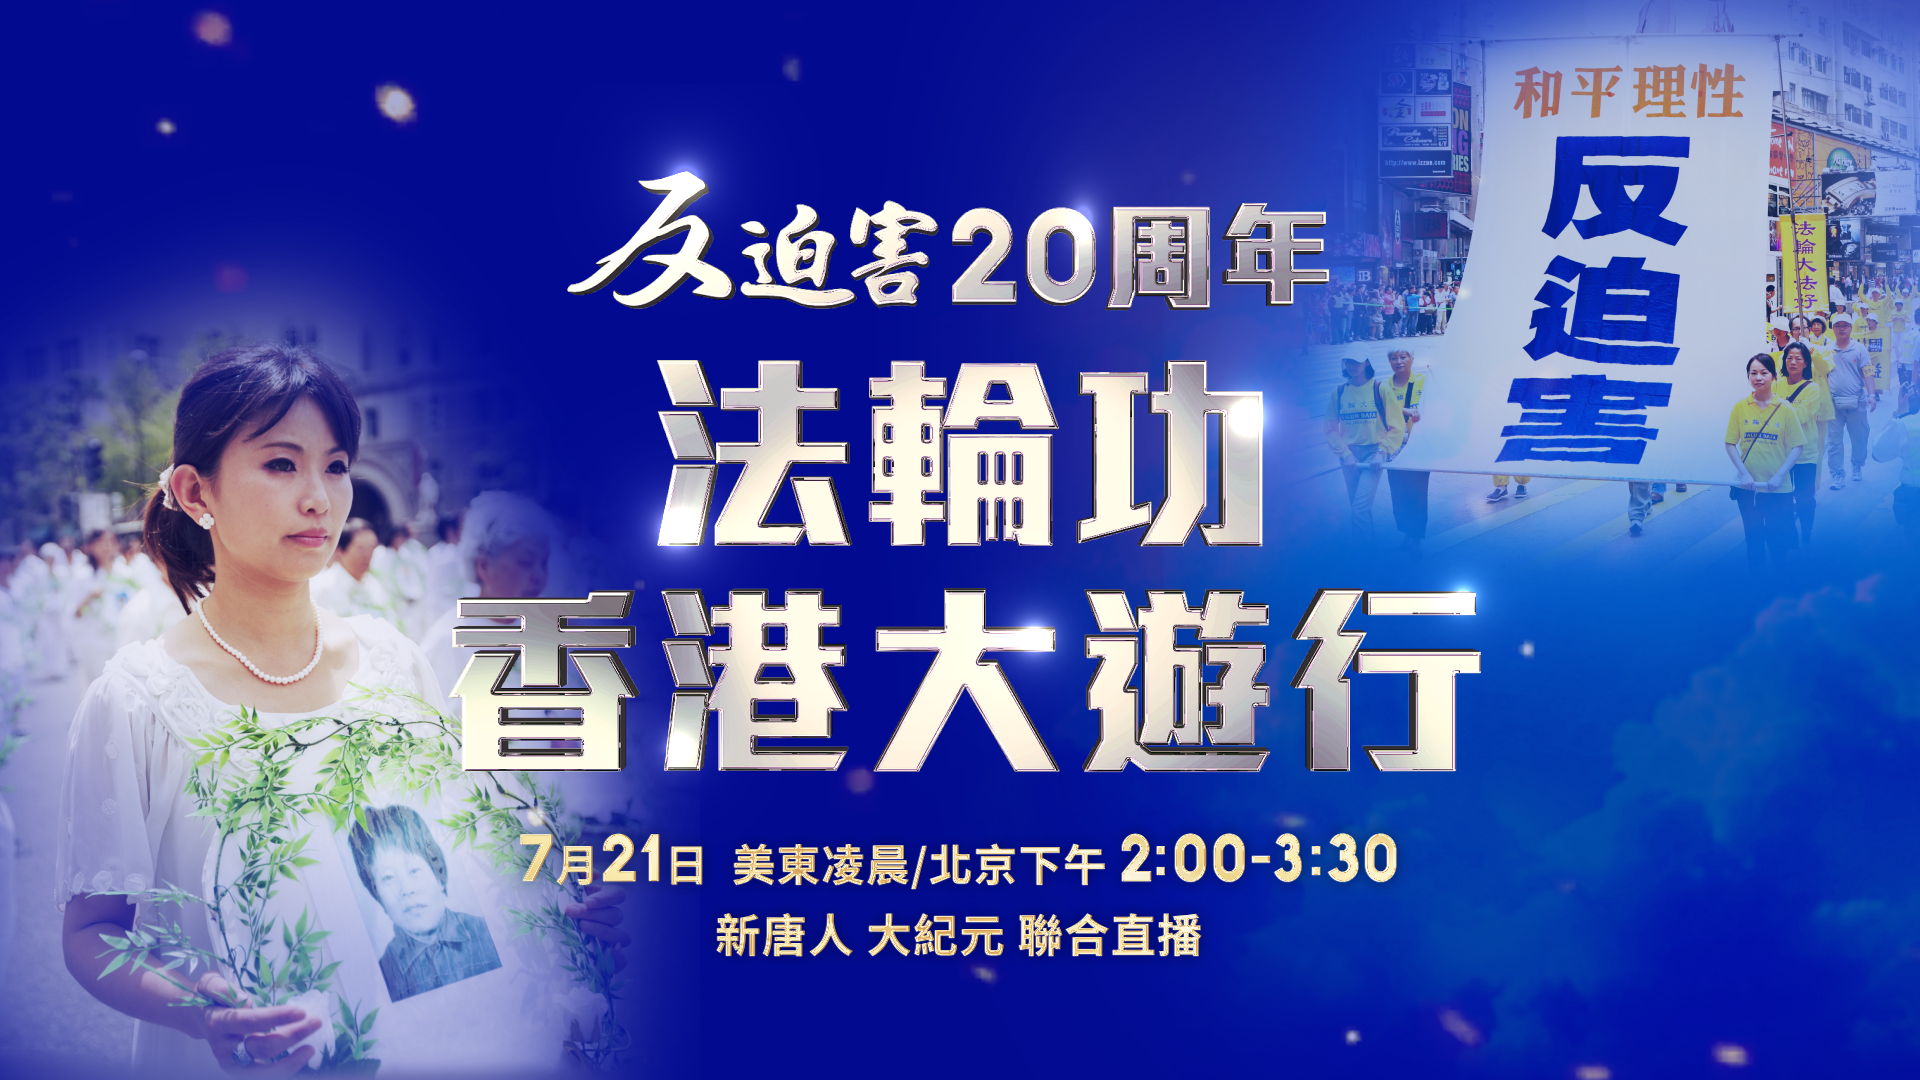 新唐人、《大紀元》聯合直播法輪功學員反迫害20周年香港大遊行。(新唐人製圖)